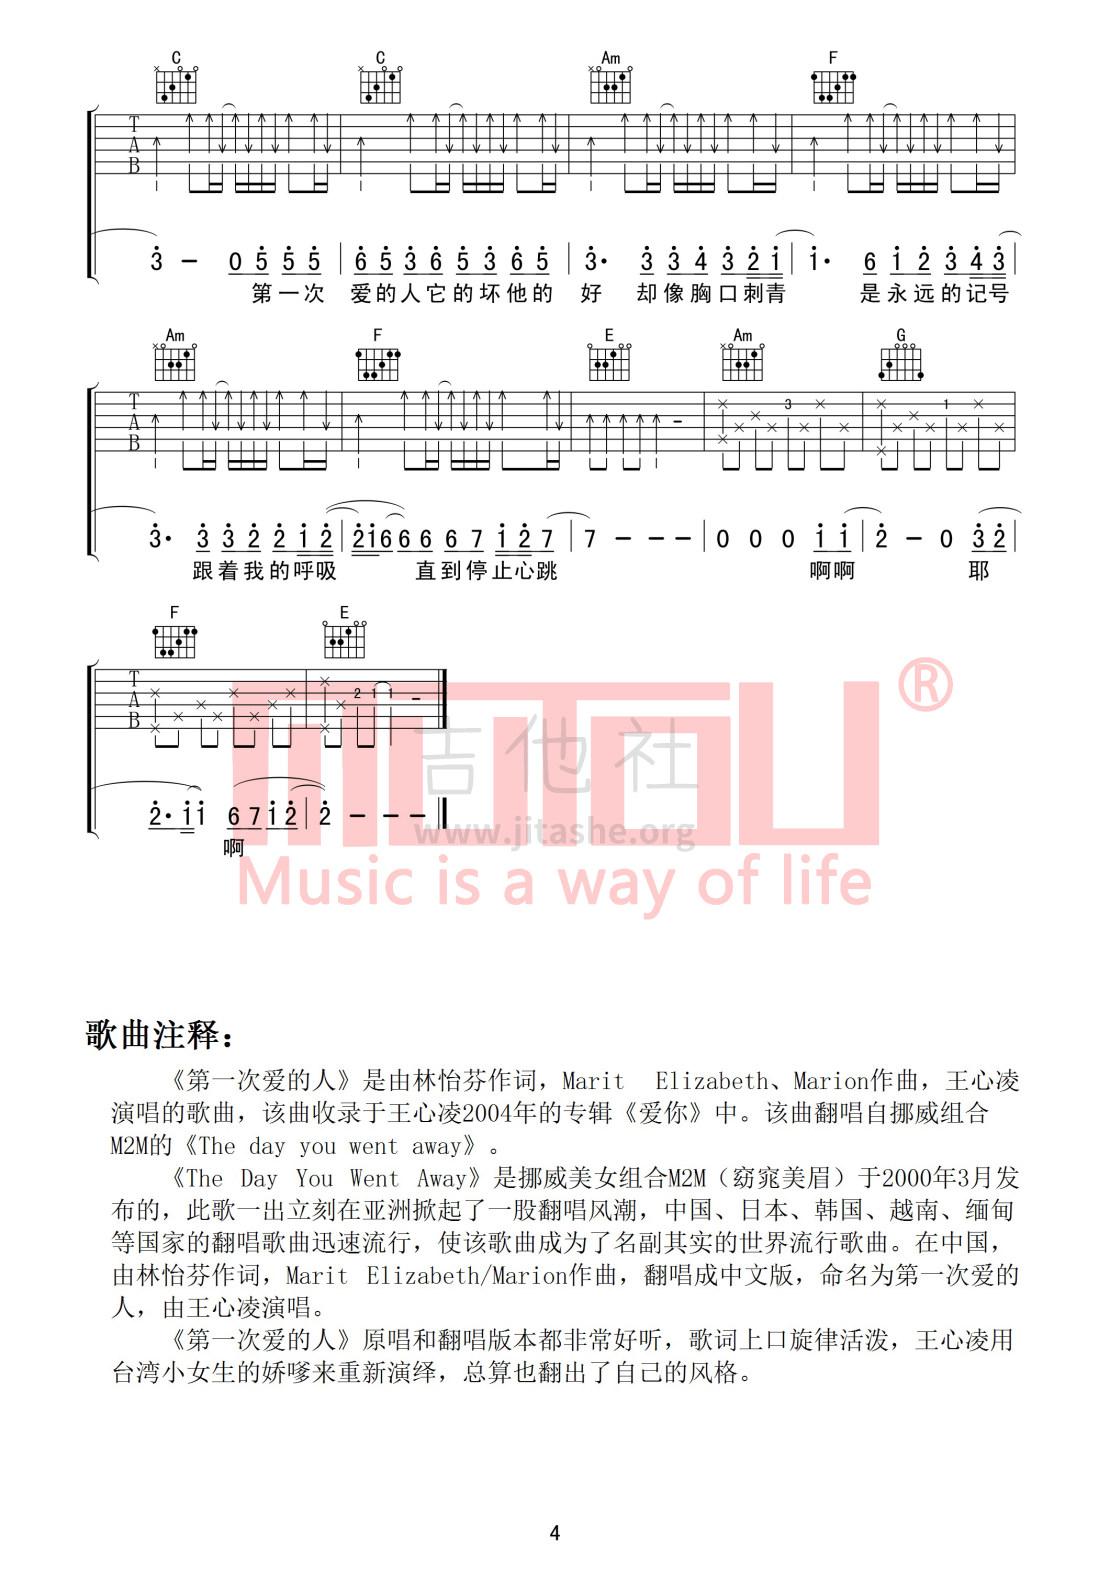 第一次爱的人吉他谱(图片谱,木头吉他屋,弹唱,C调)_王心凌(Cyndi Wang)_第一次爱的人04.jpg